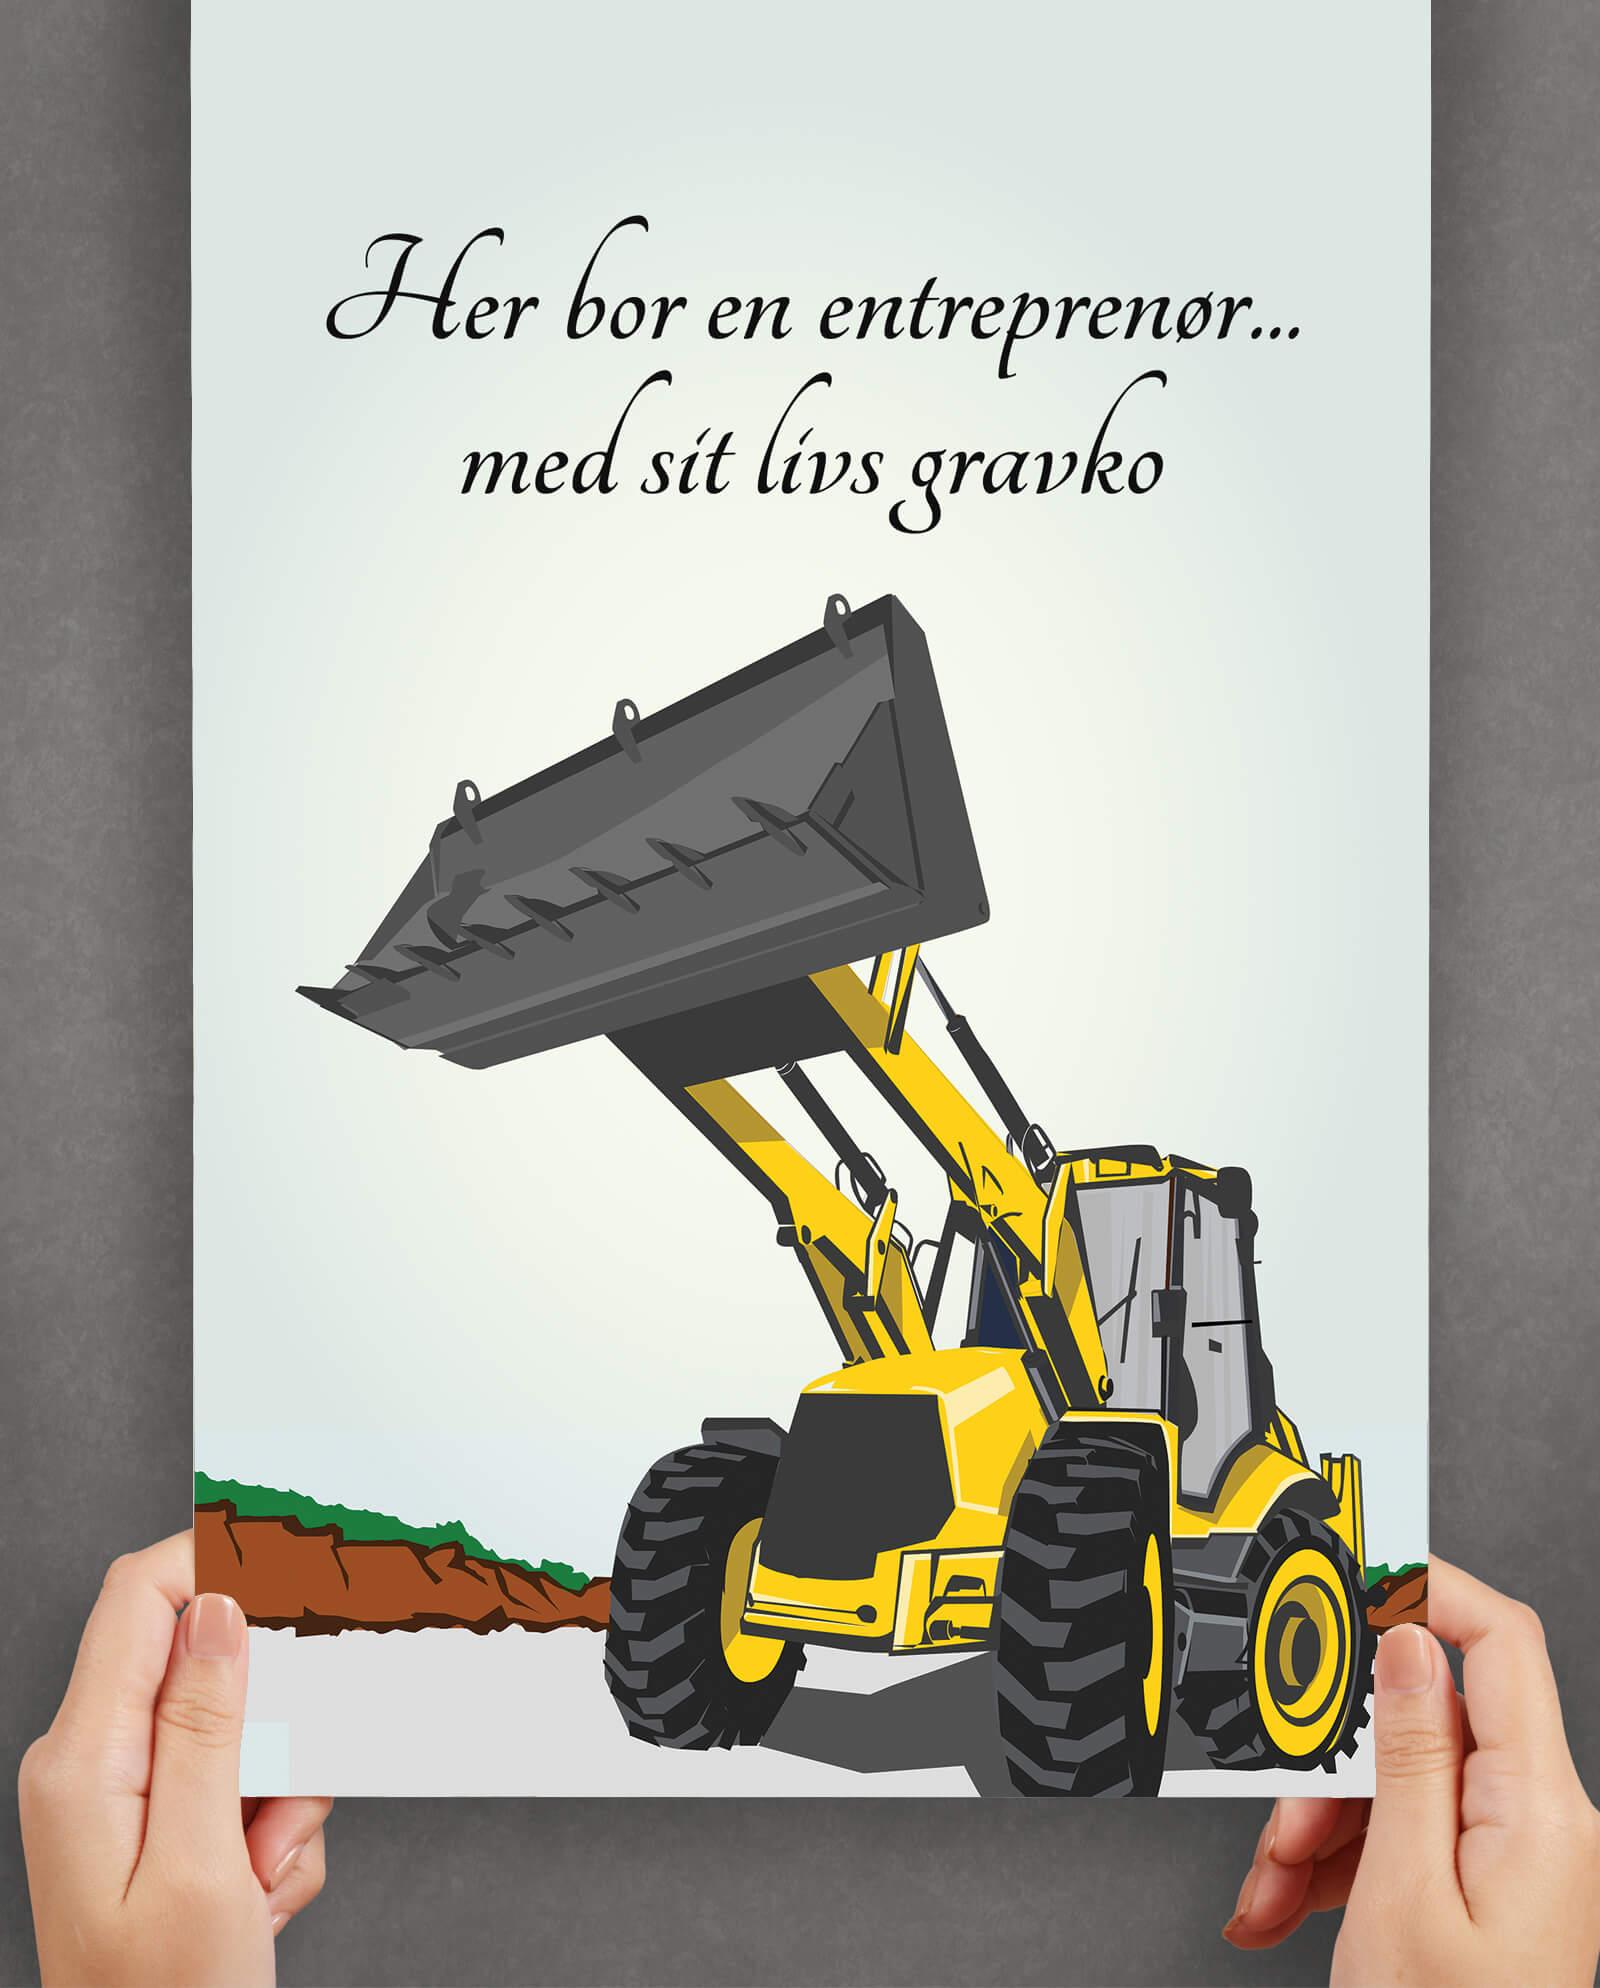 entreprenoer-farve-gravko